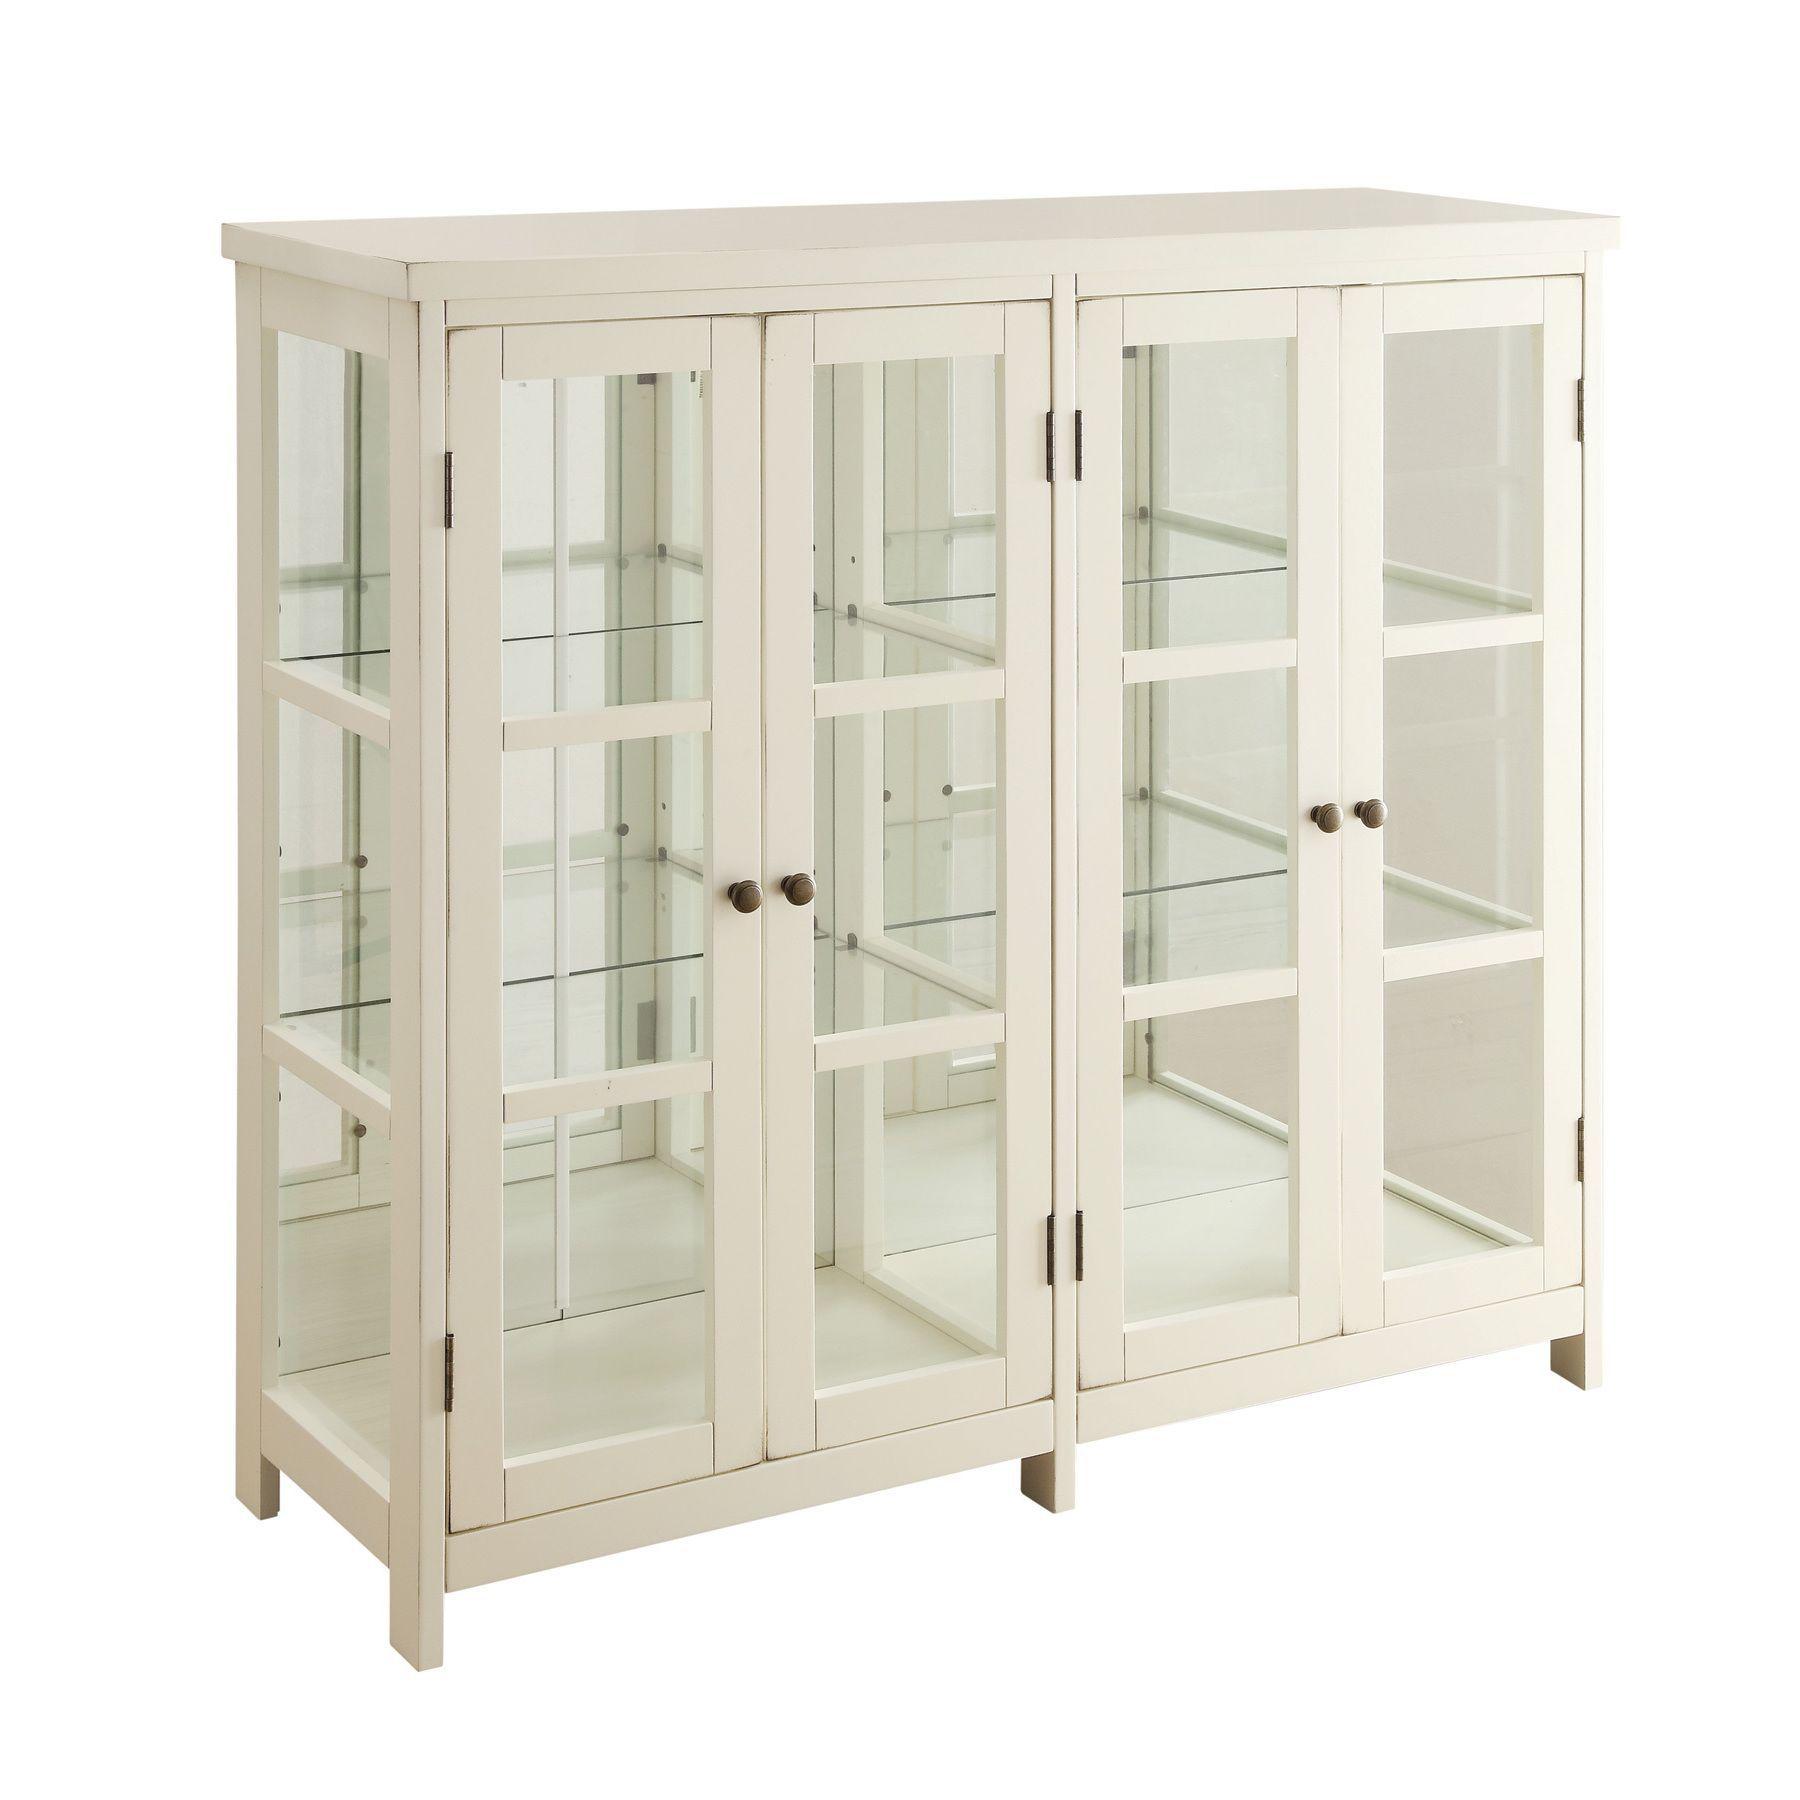 Coaster company door display cabinet craftroom in